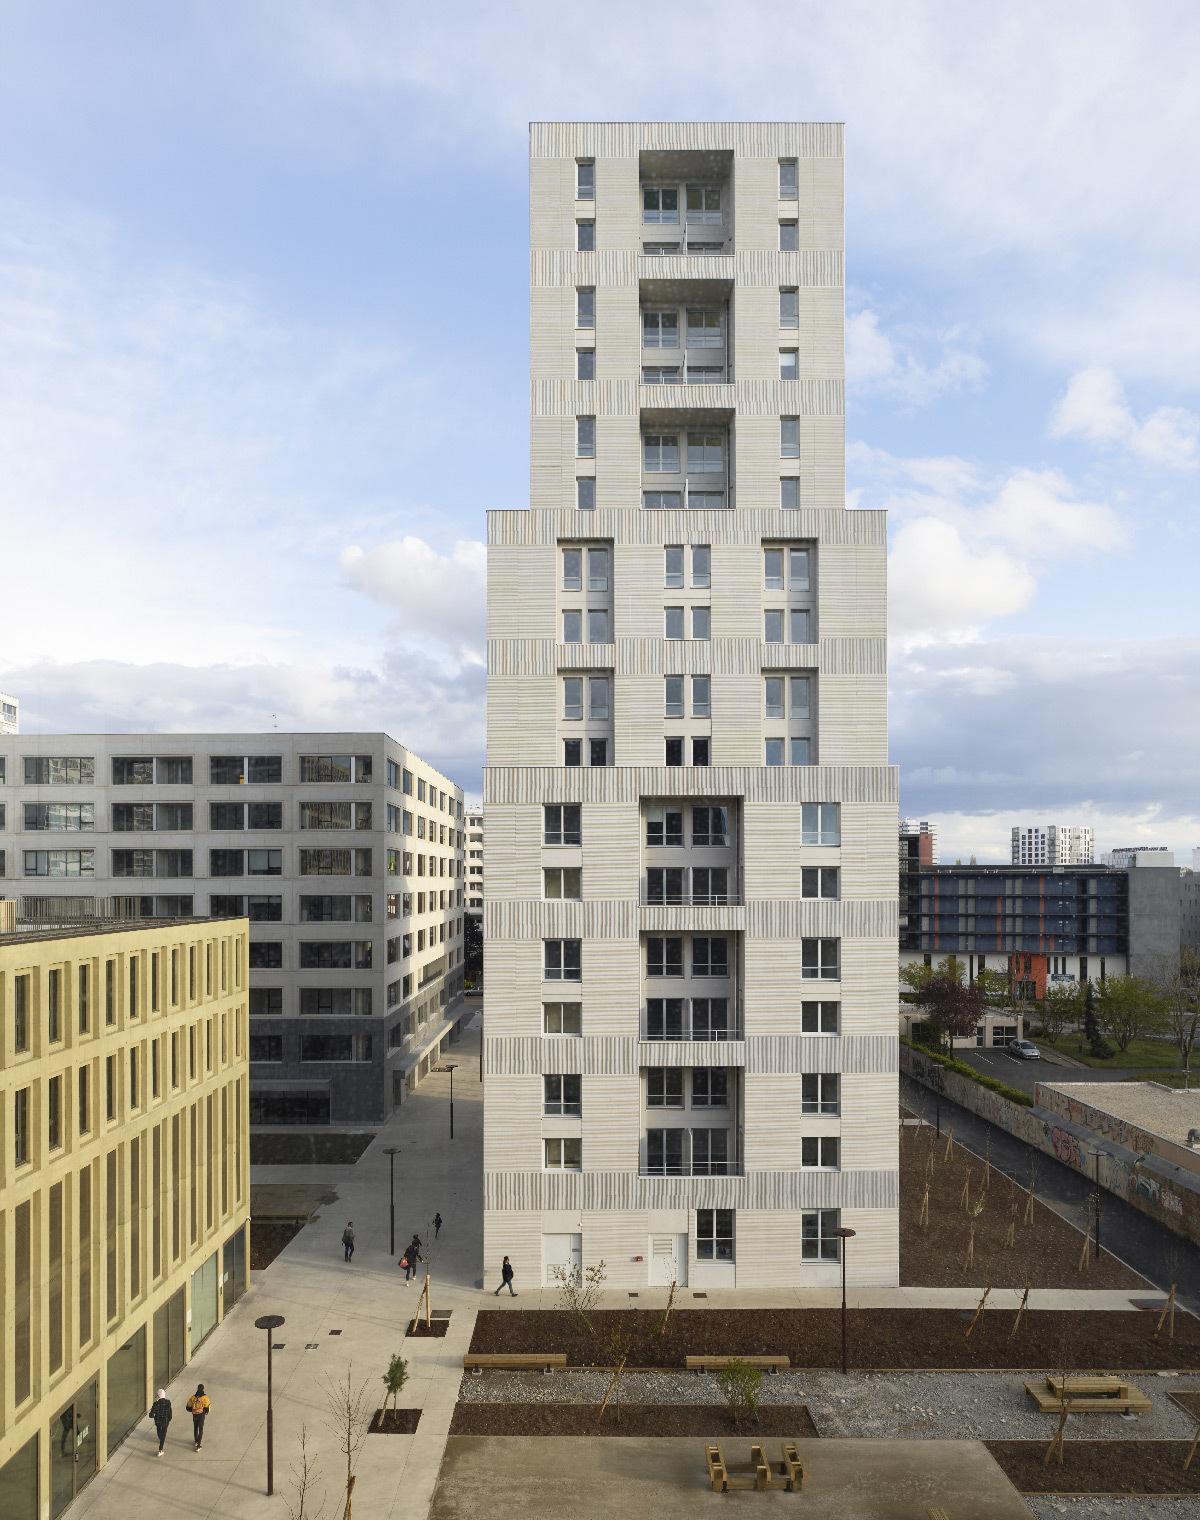 Polaris, Île de Nantes, France - nouveau quartier urbain - Plot 2, logement sociaux et commerce - Architecte : Abinal & Ropars - Kaufman & Broad © Fabrice Fouillet